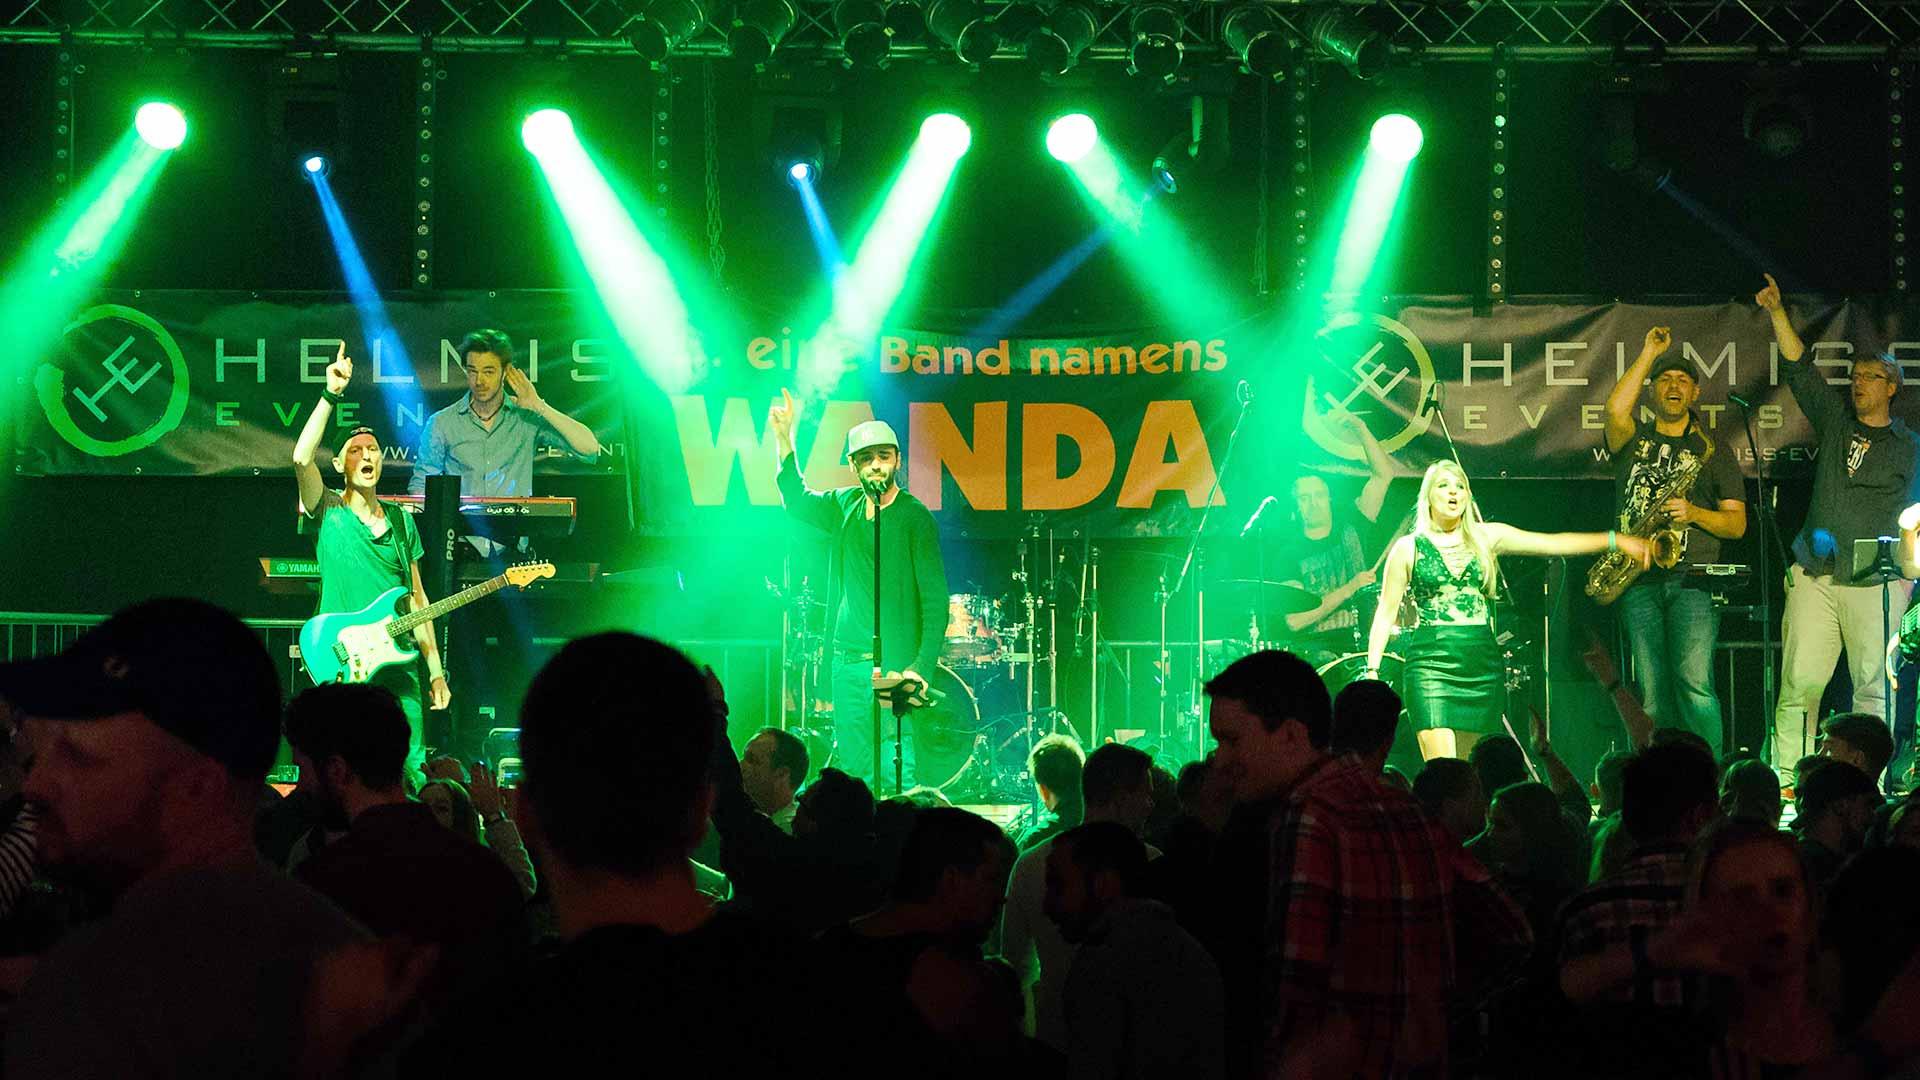 …eine Band namend WANDA